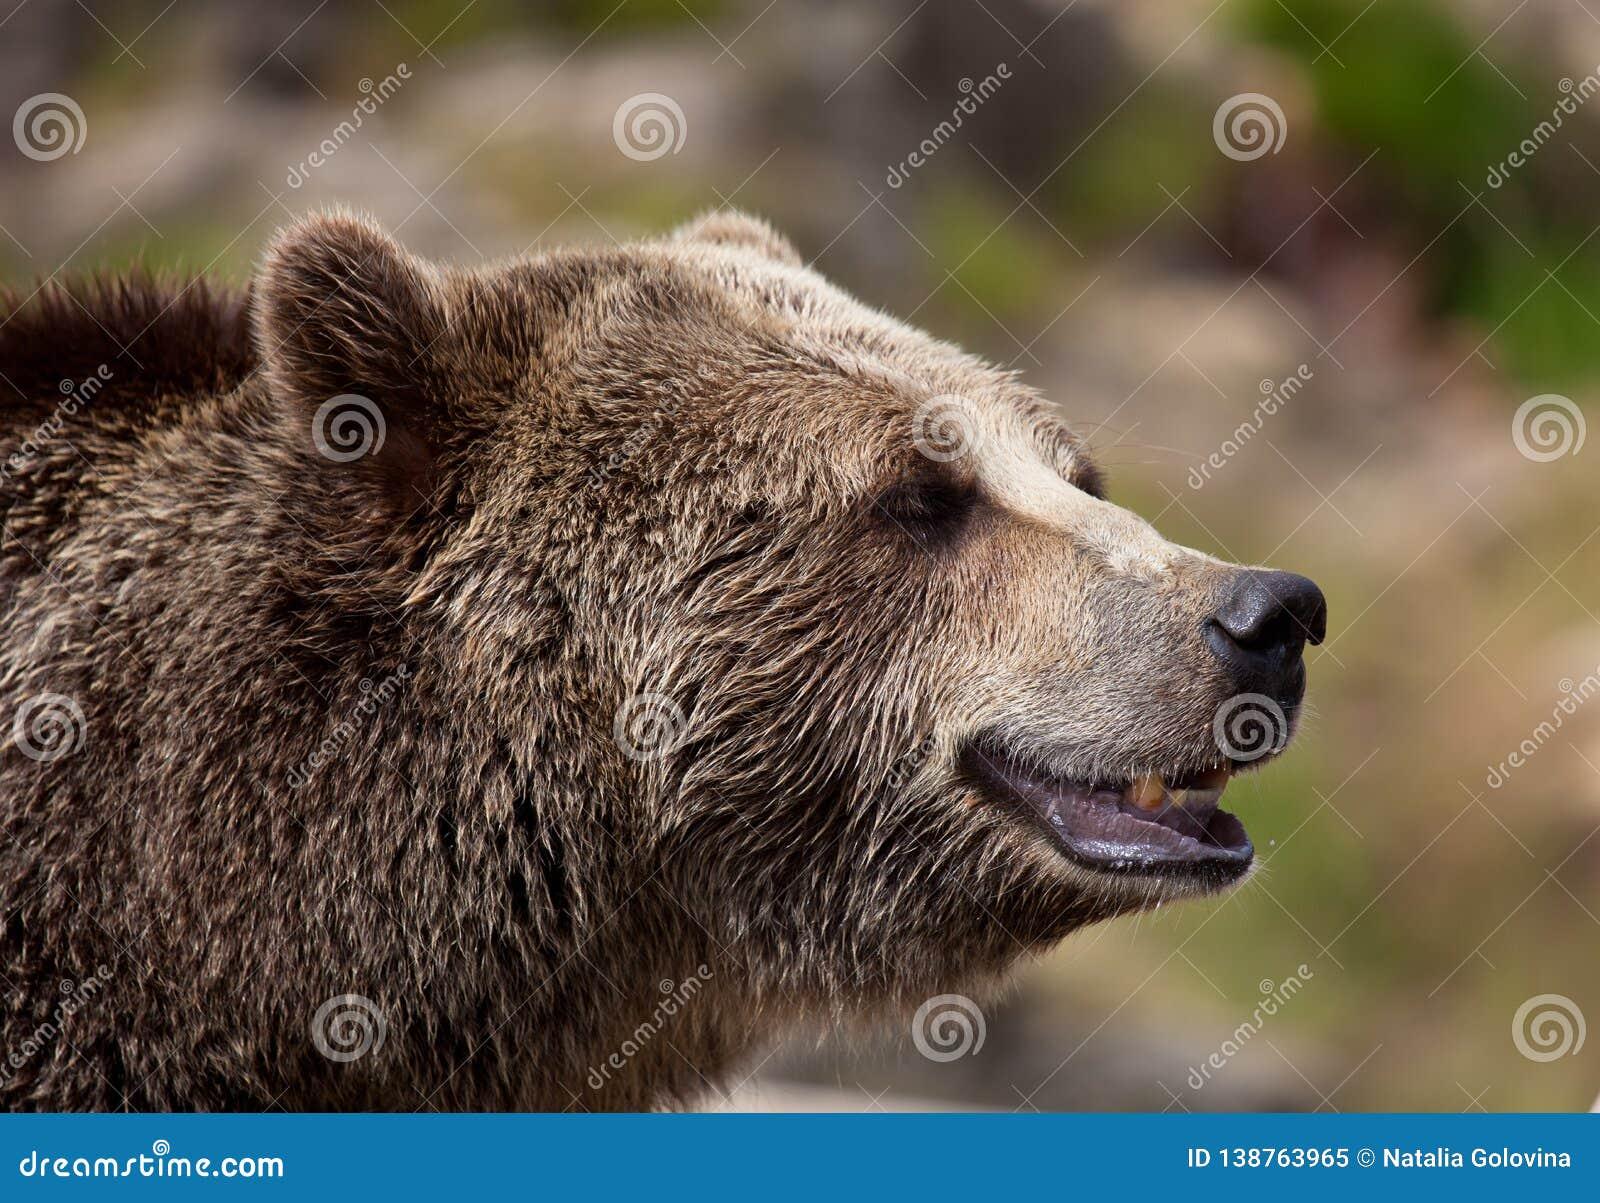 Близкий поднимающий вверх портрет взрослого бурого медведя Портрет beringianus arctos Ursus медведя Камчатки